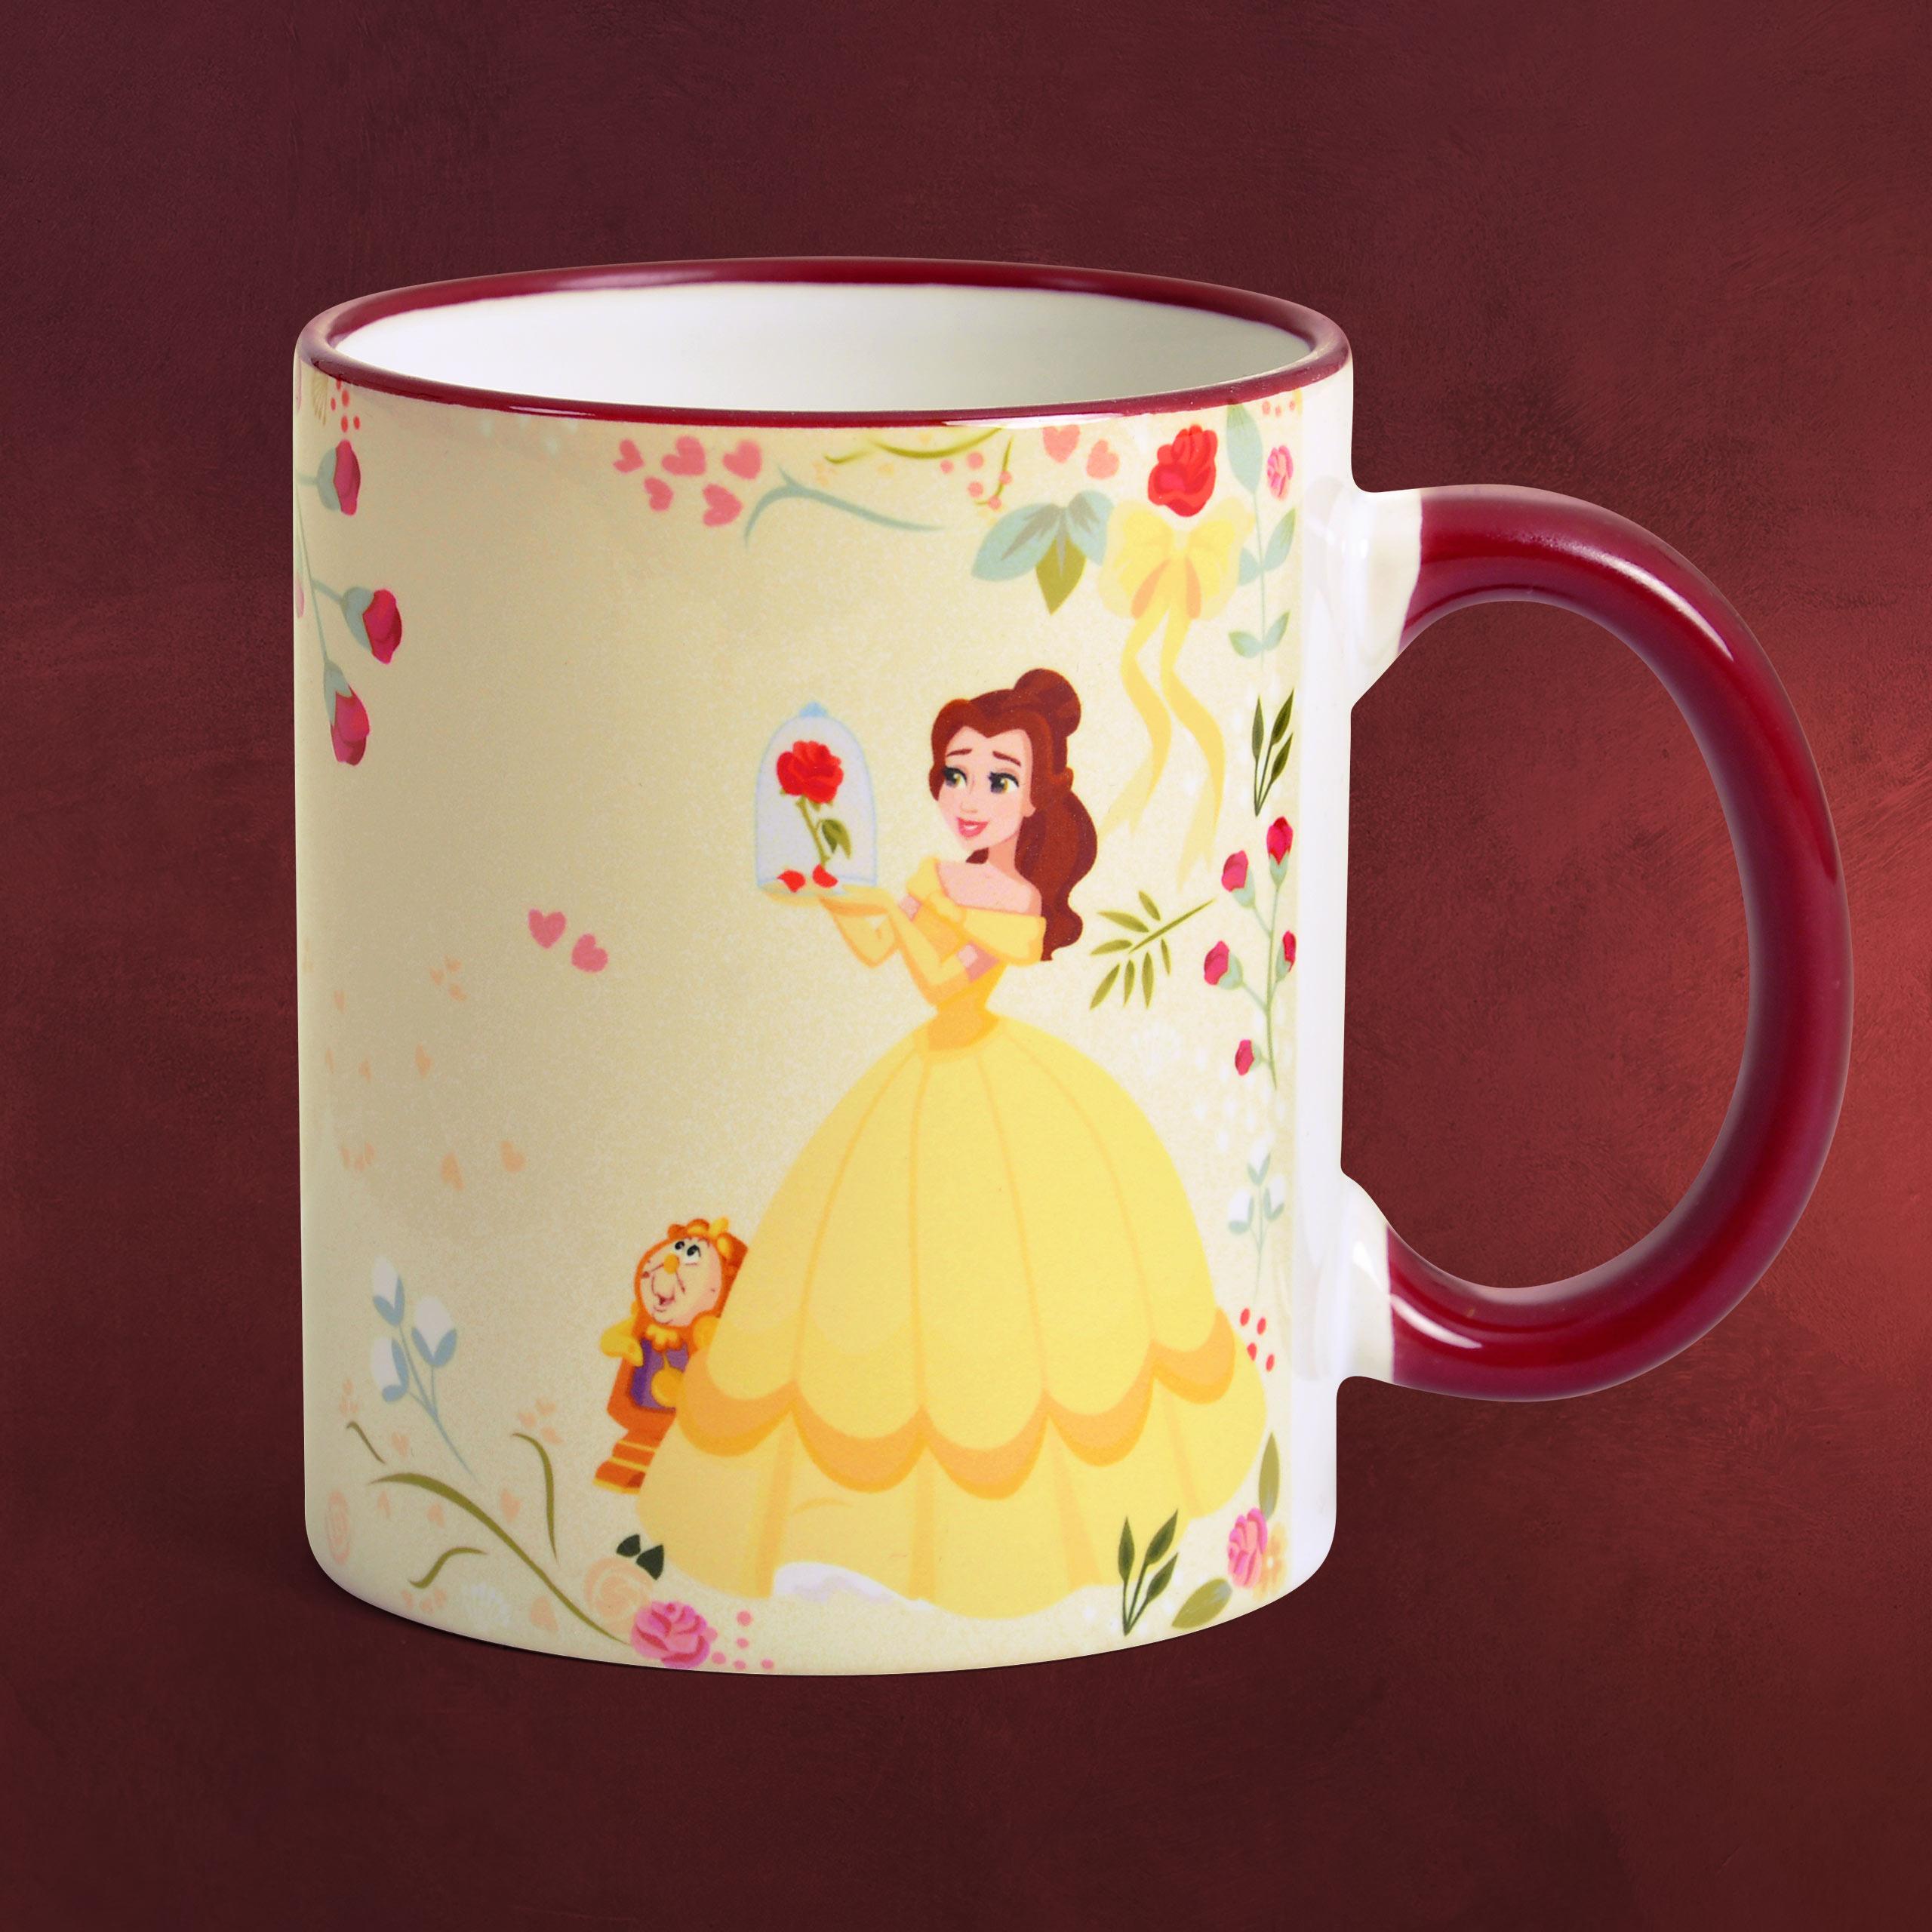 Disney Princess Küche & Wohnen   Elbenwald